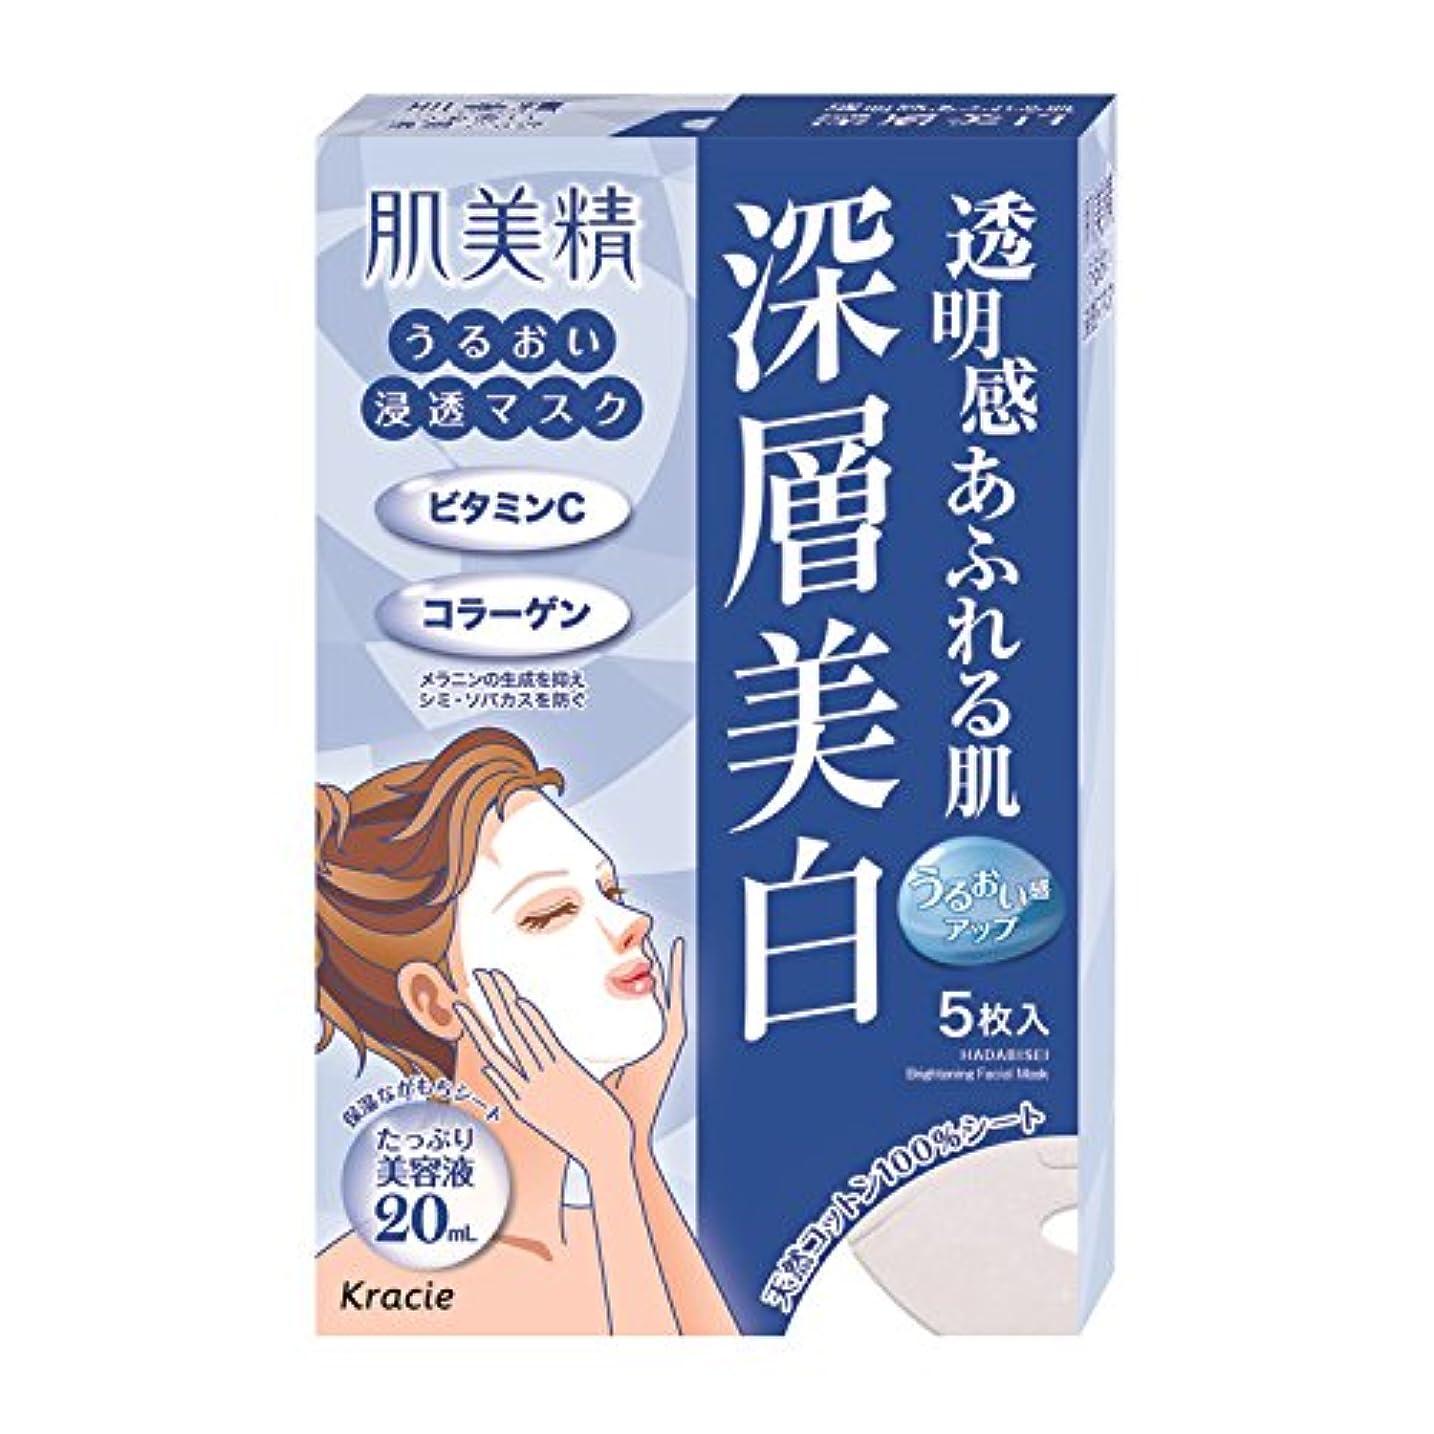 こどもの日帳面系統的肌美精 うるおい浸透マスク (深層美白) 5枚 [医薬部外品]